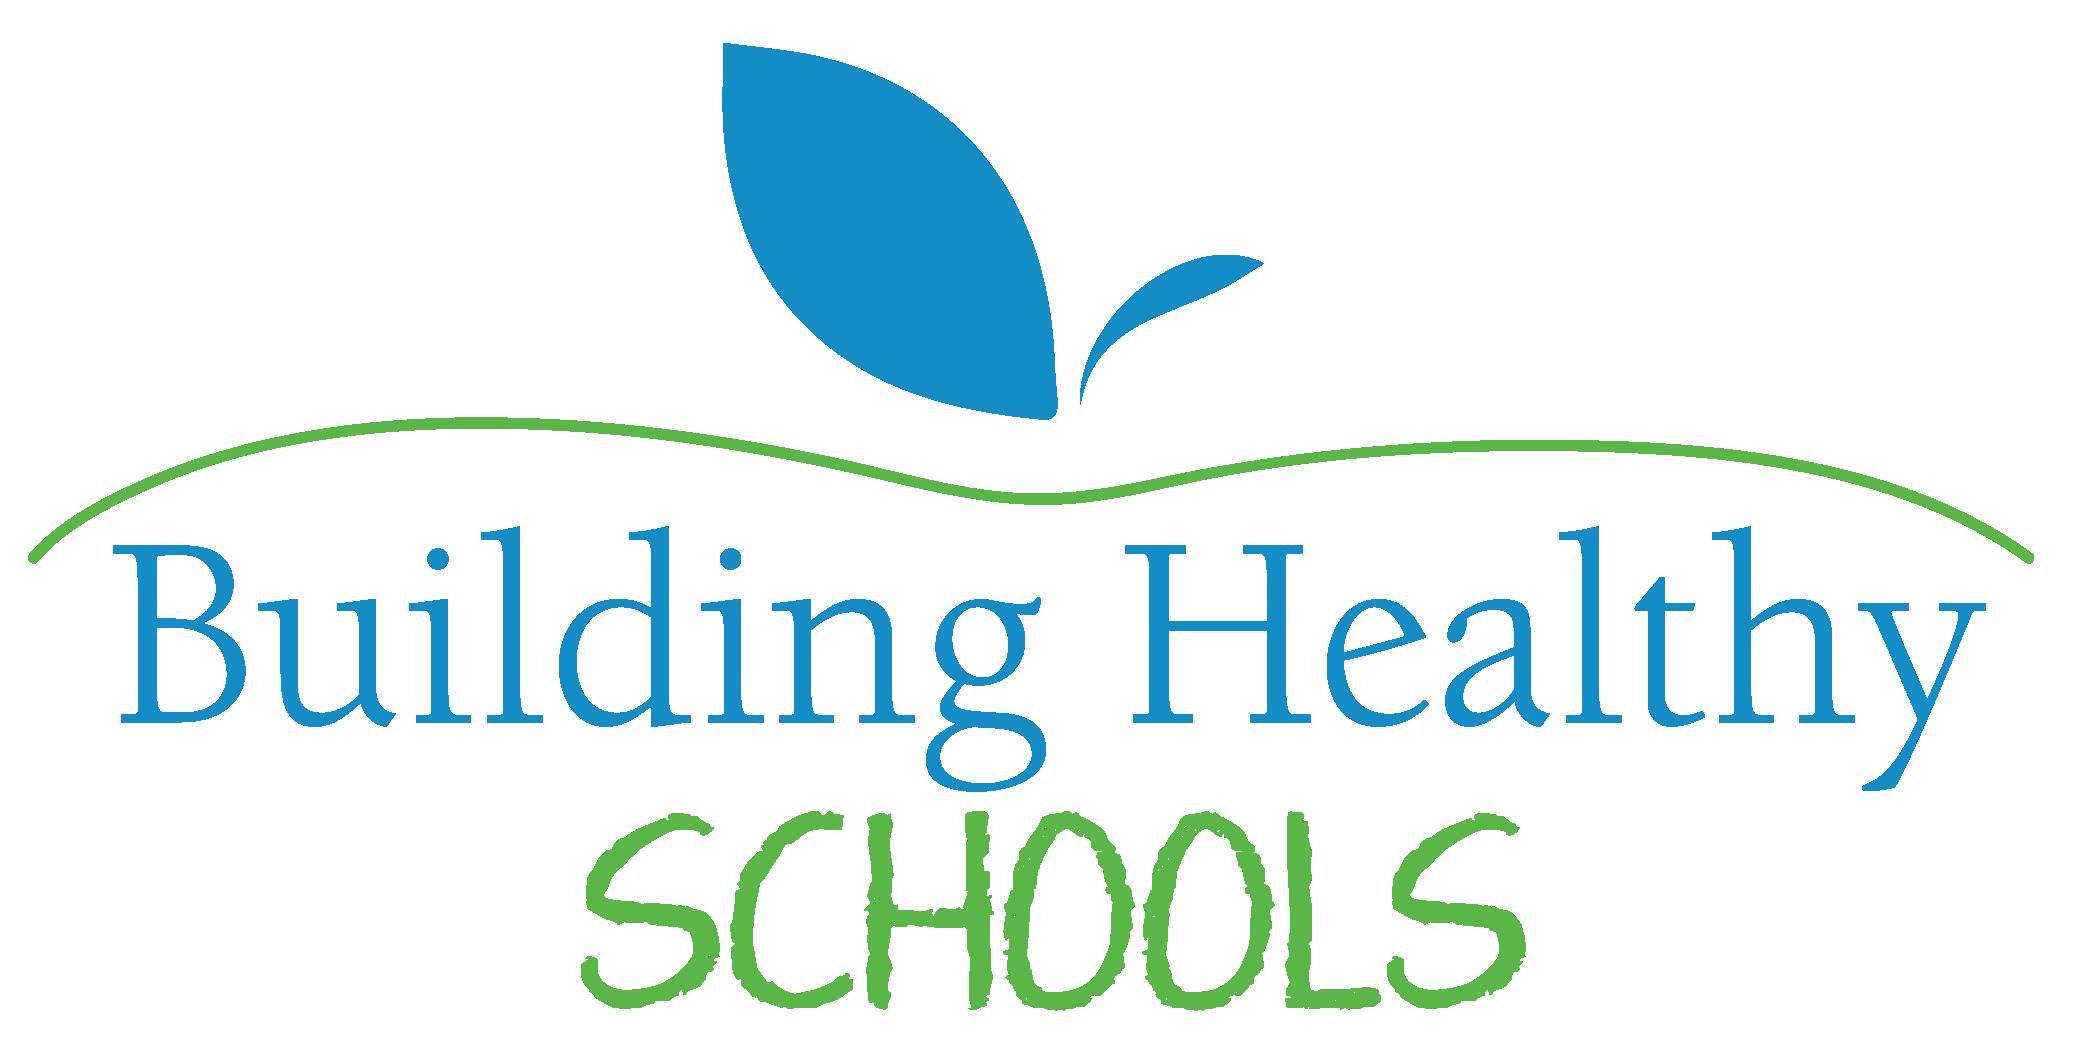 Building Healthy Schools